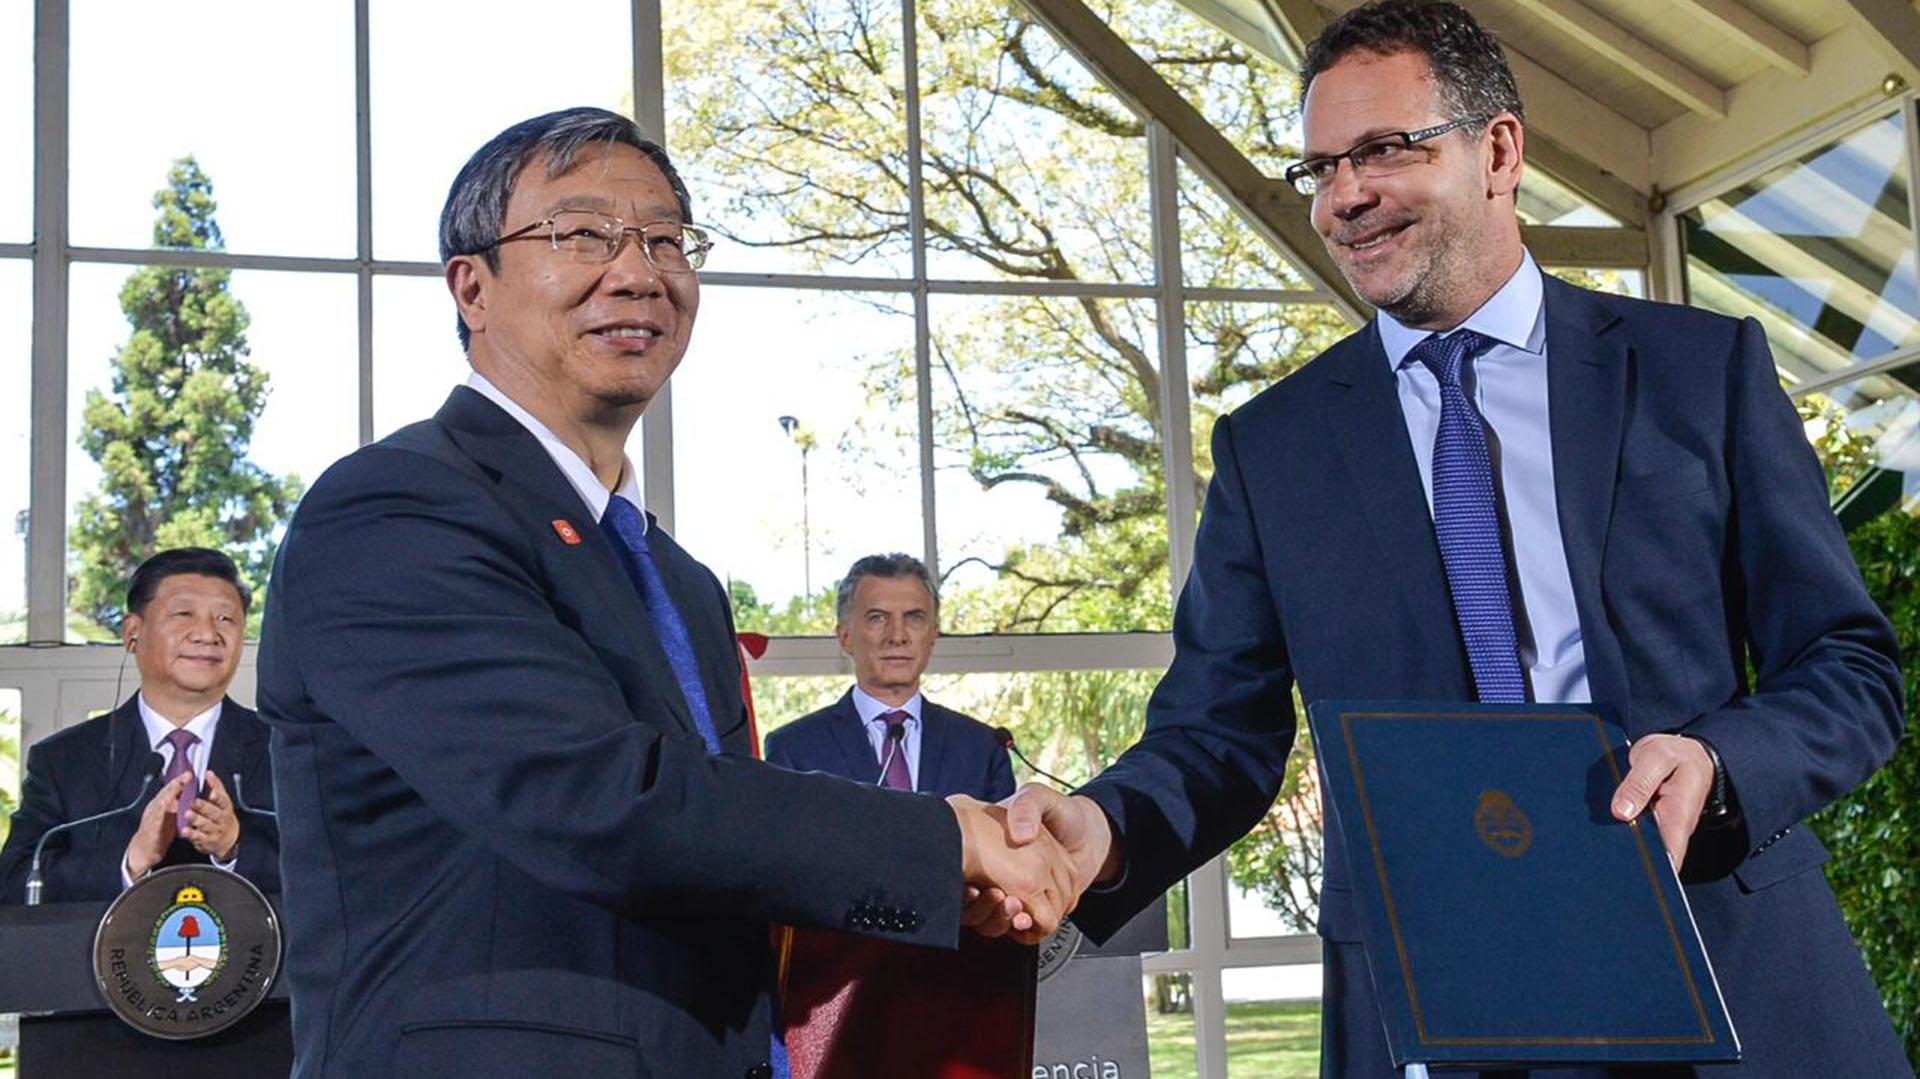 El presidente del BCRA Guido Sandleris y el presidente del Banco Popular de China Gang Yi en la en la firma de la ampliación del swap de monedas